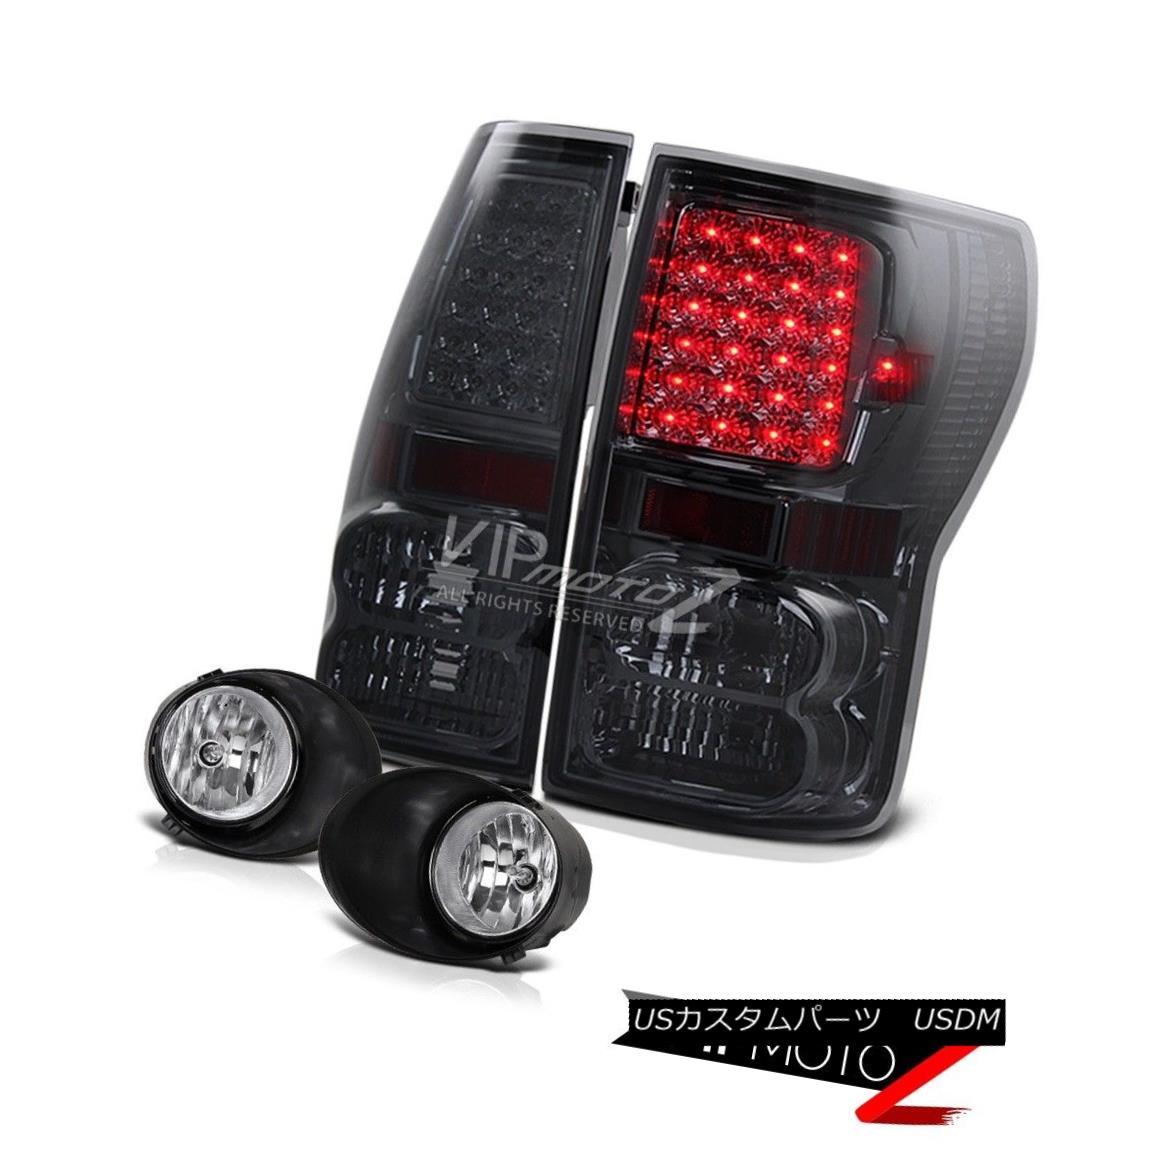 テールライト Smoke L+R Led Tail Lamp Brake Light+Crystal Fog Light+Switch 07-2013 Tundra 煙L + R Ledテールランプブレーキライト+クリスタルフォグライト+スイッチ07-2013 Tundra